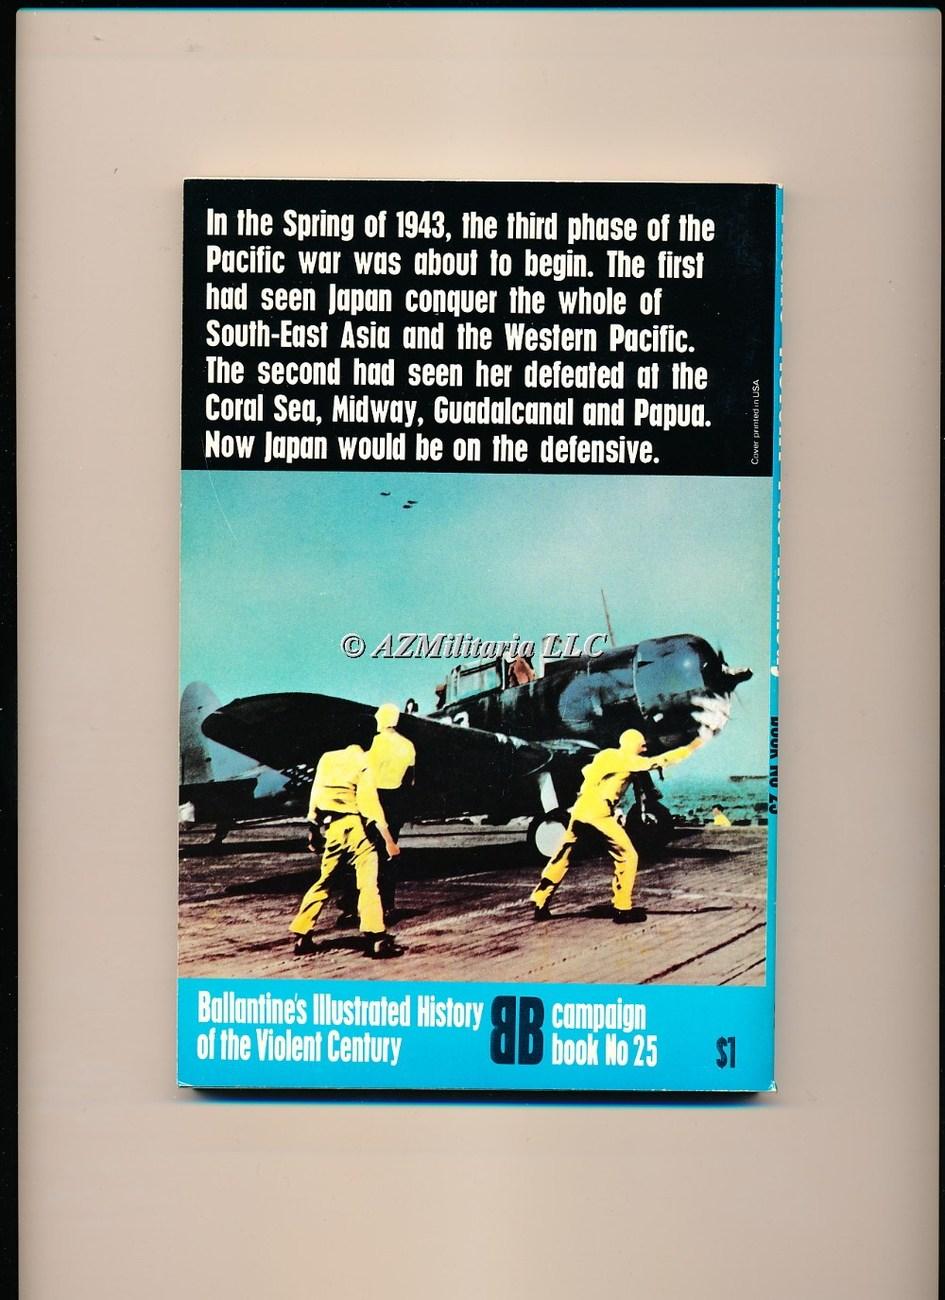 Pacific Victory Campaign (Book, No 25)